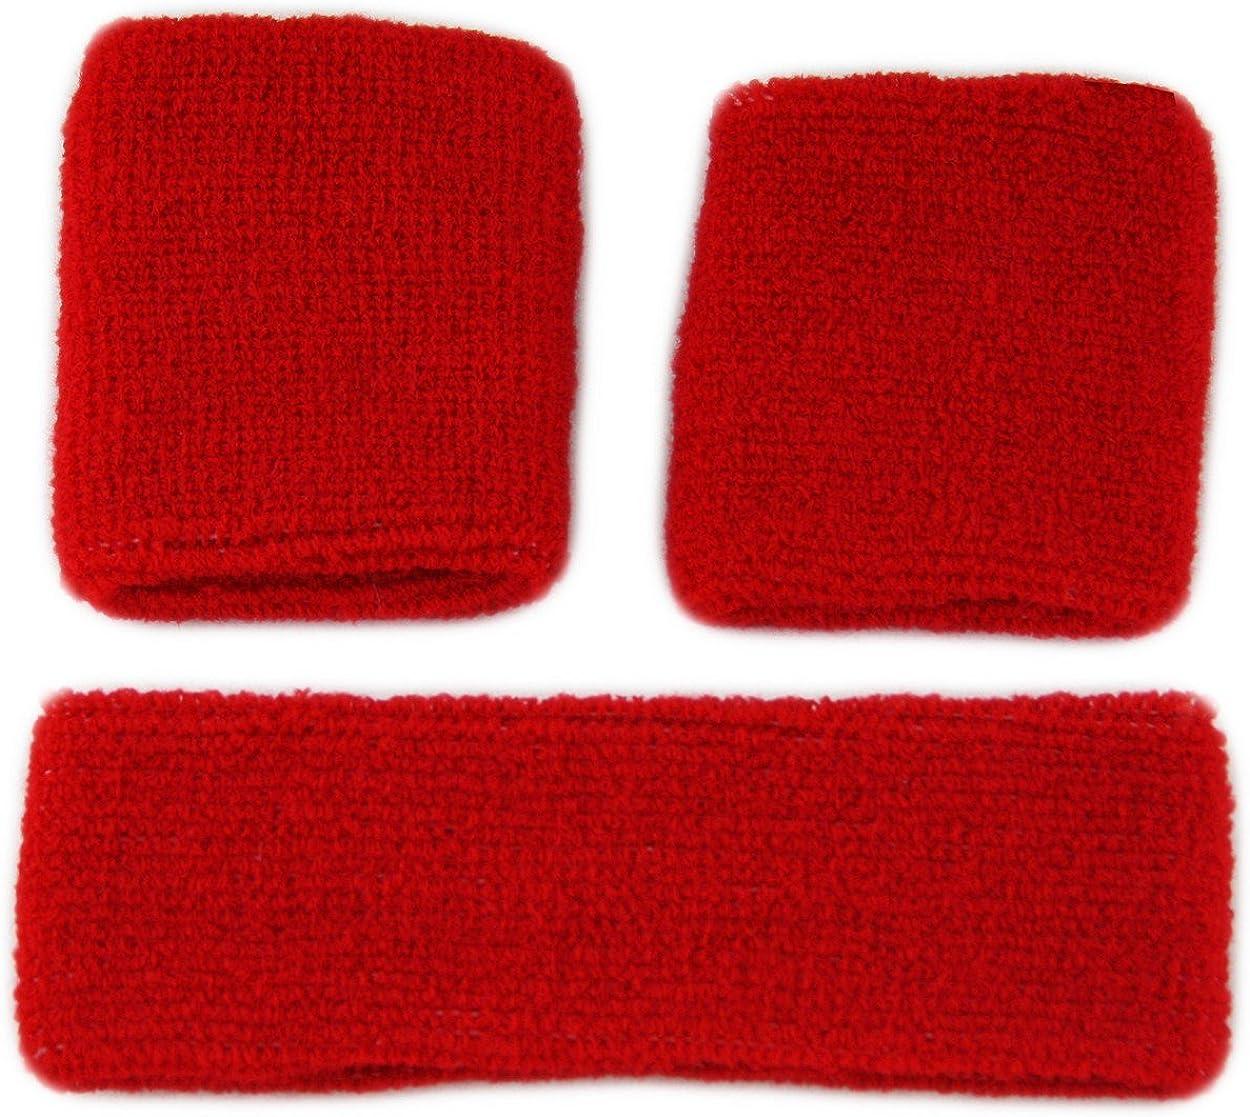 Muñequeras de rizo y cinta para gimnasio – 1 x cinta – 2 x muñequeras en muchos colores, Hombre, color rosso, tamaño Talla única: Amazon.es: Ropa y accesorios